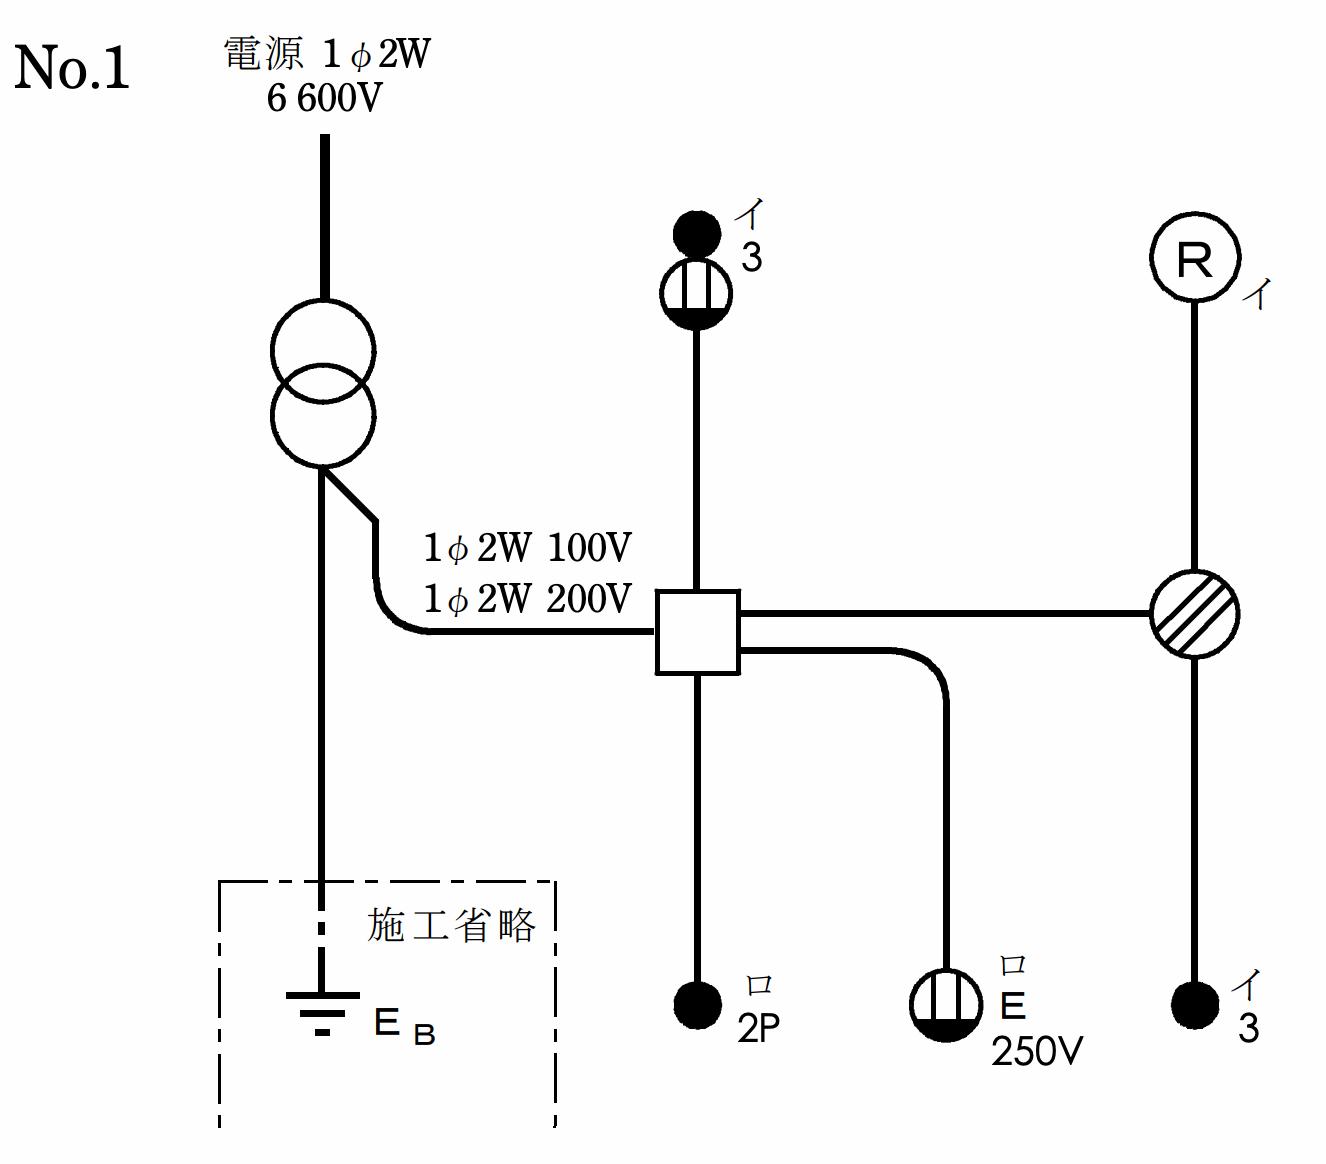 第一種電気工事士の技能試験の候補問題No.1